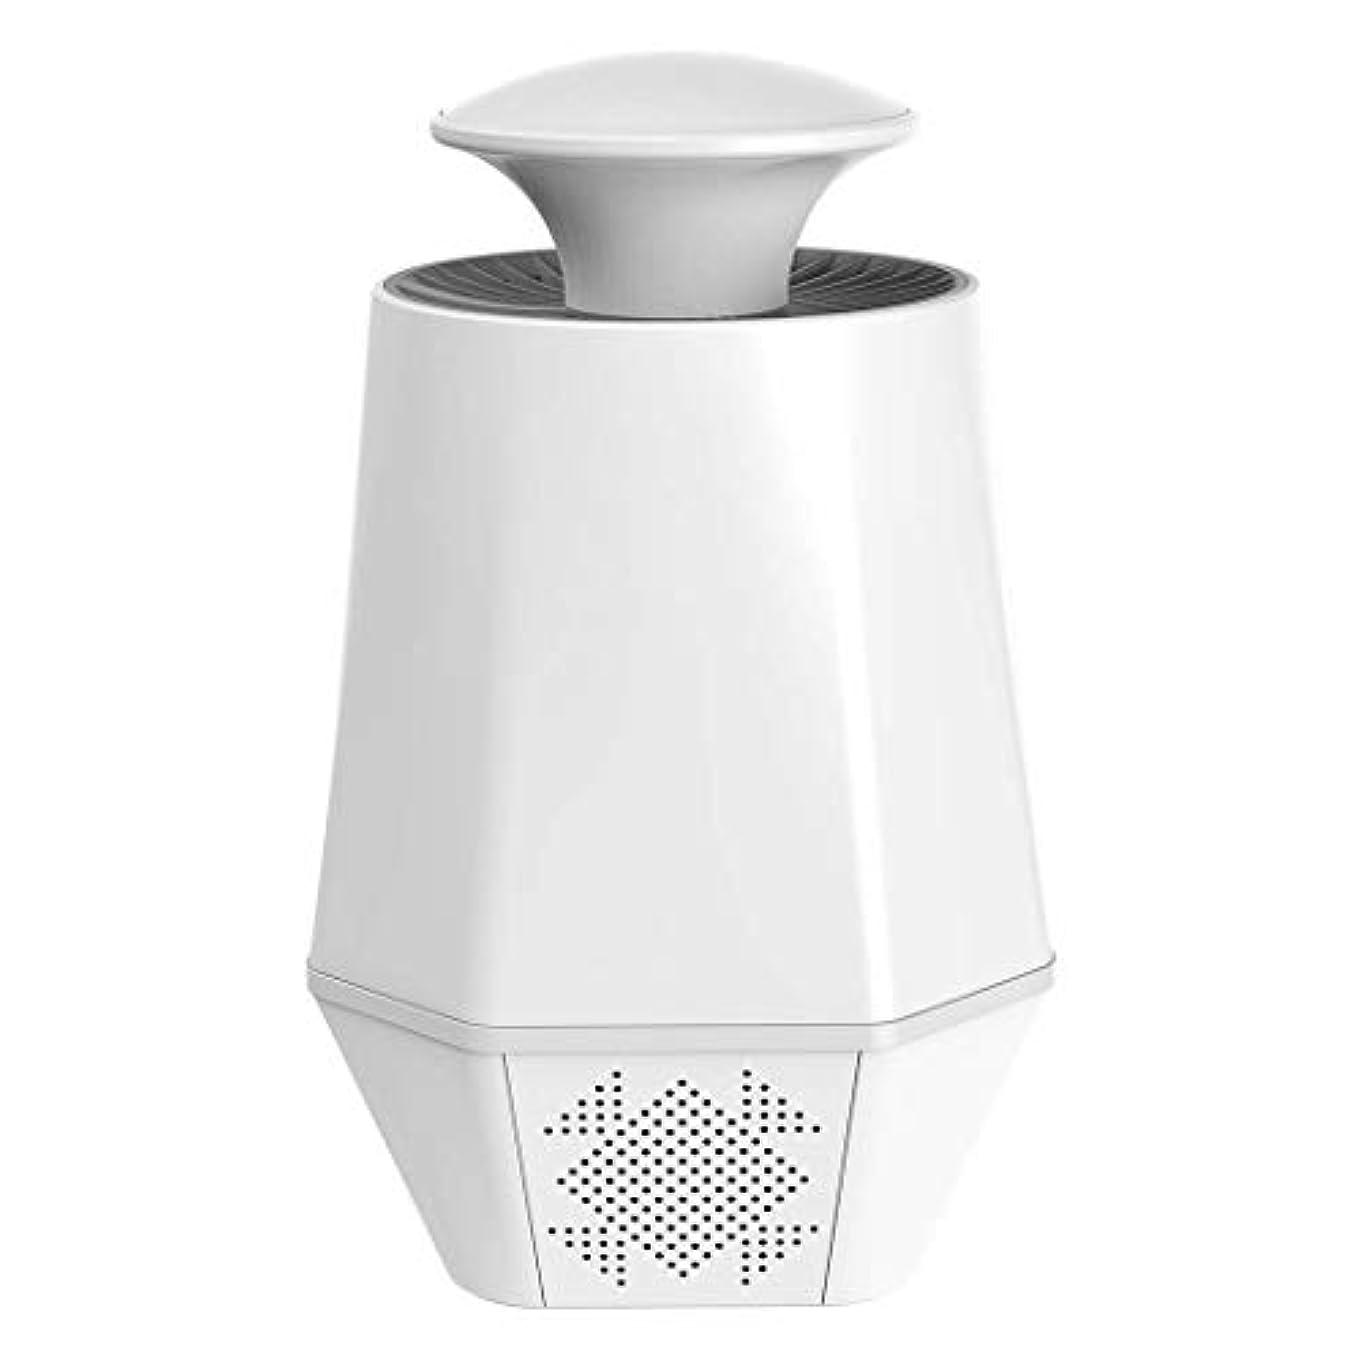 懐疑的子羊マーキー蚊のキラー、USBインターフェイス光触媒忌避剤、LEDフライングライトの模倣人間の閉じ込め技術スマート家庭用蚊のキラー,White